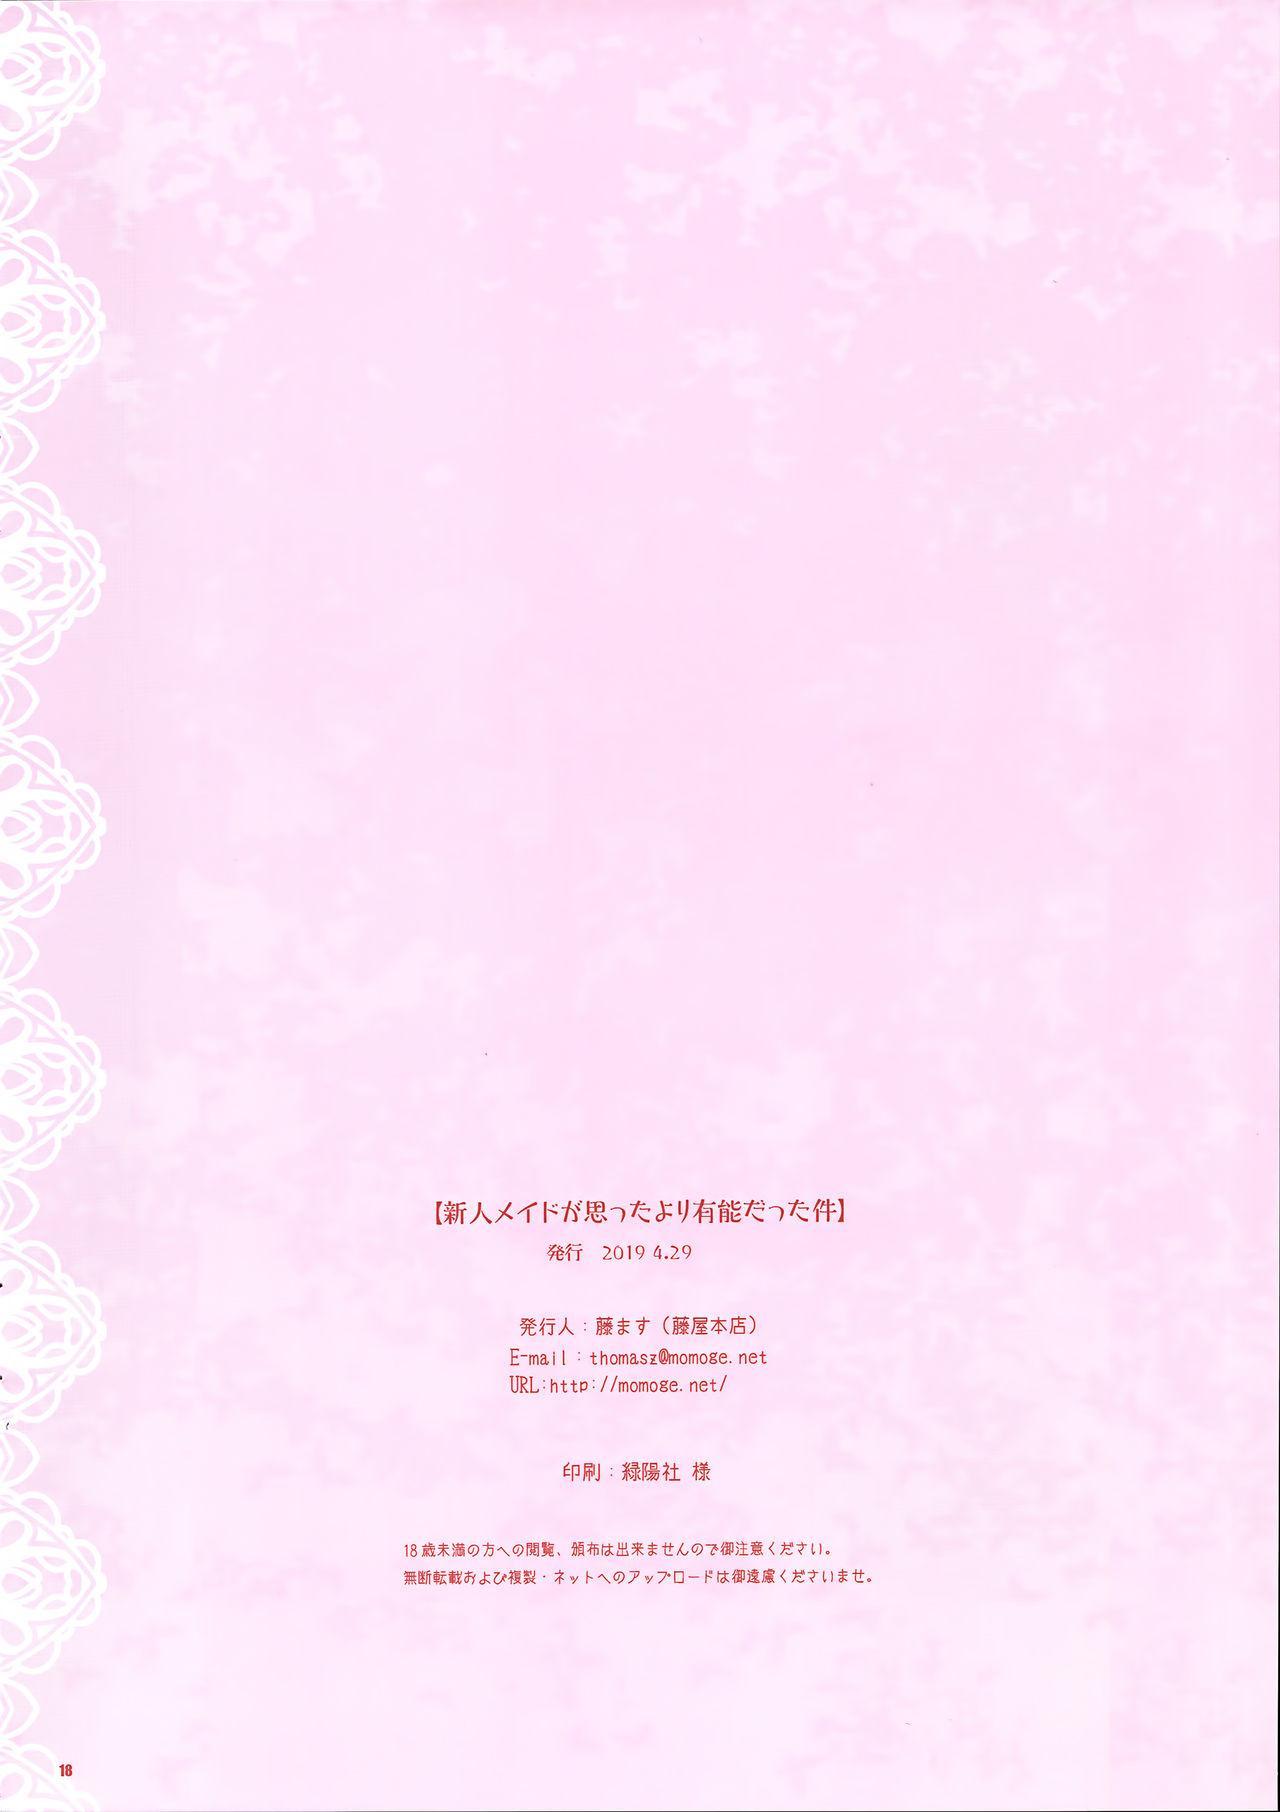 Shinjin Maid ga Omotta yori Yuunou datta Ken 16